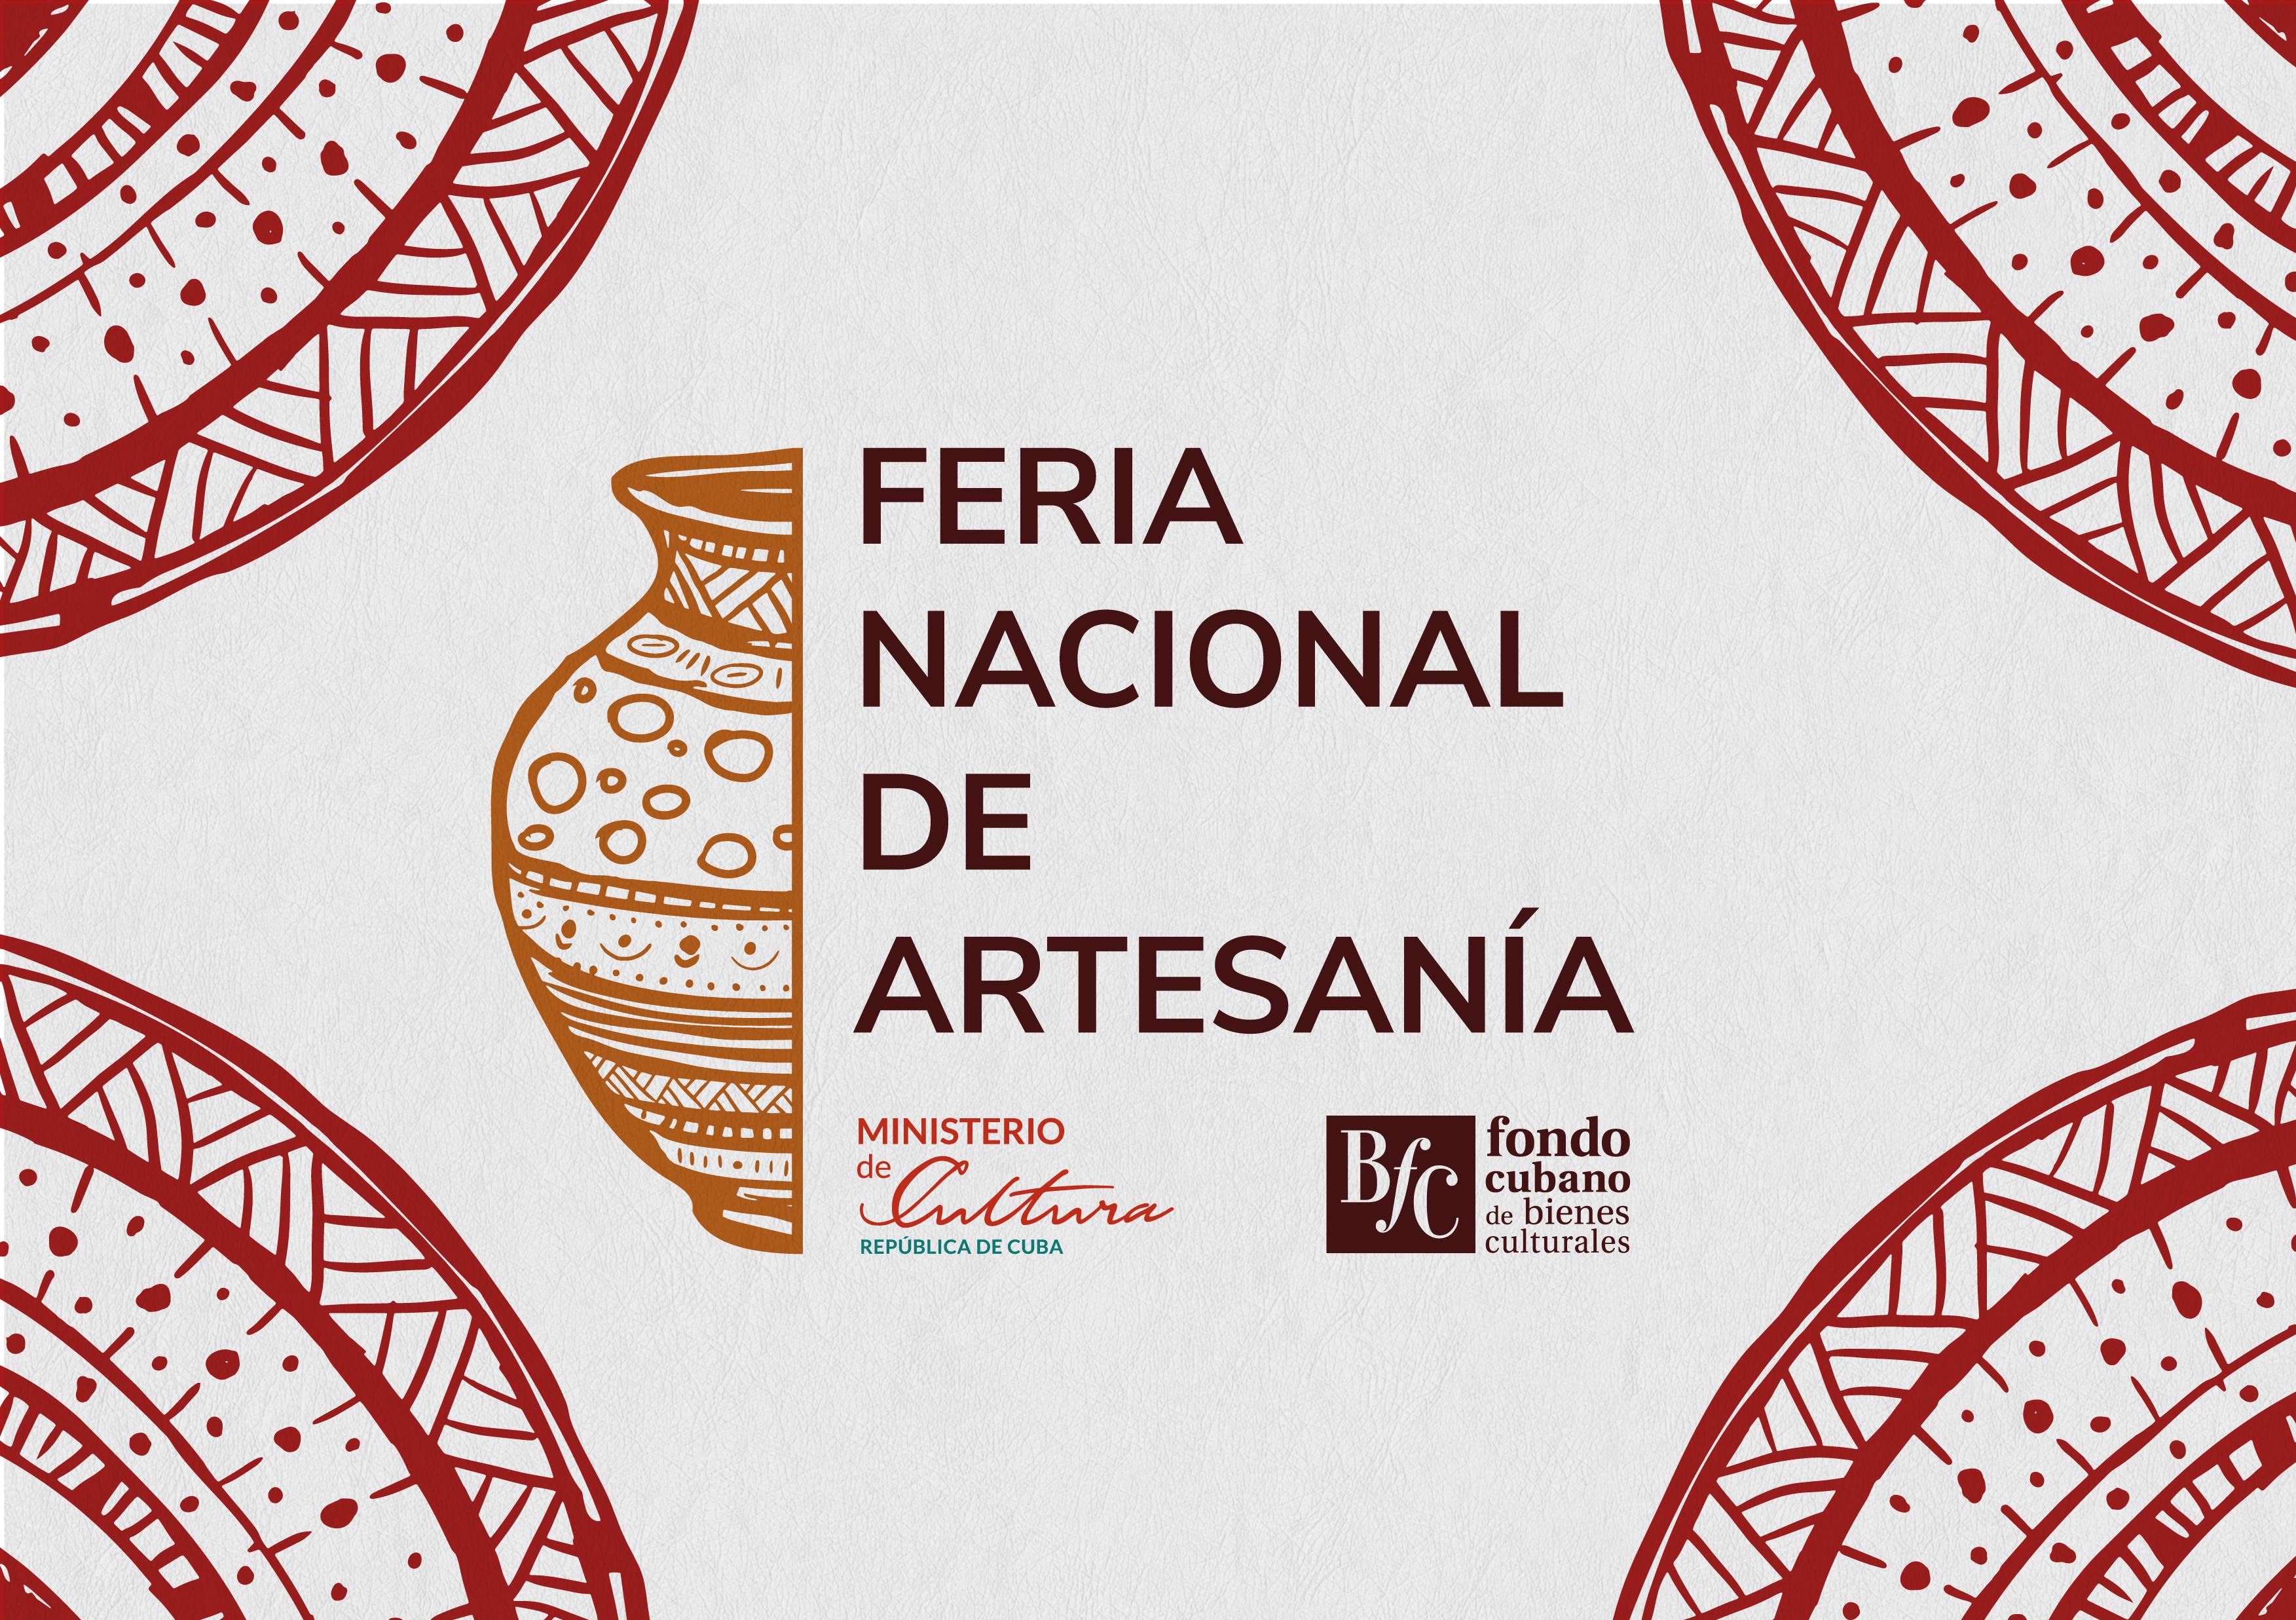 Culmina mañana Feria nacional de artesanía